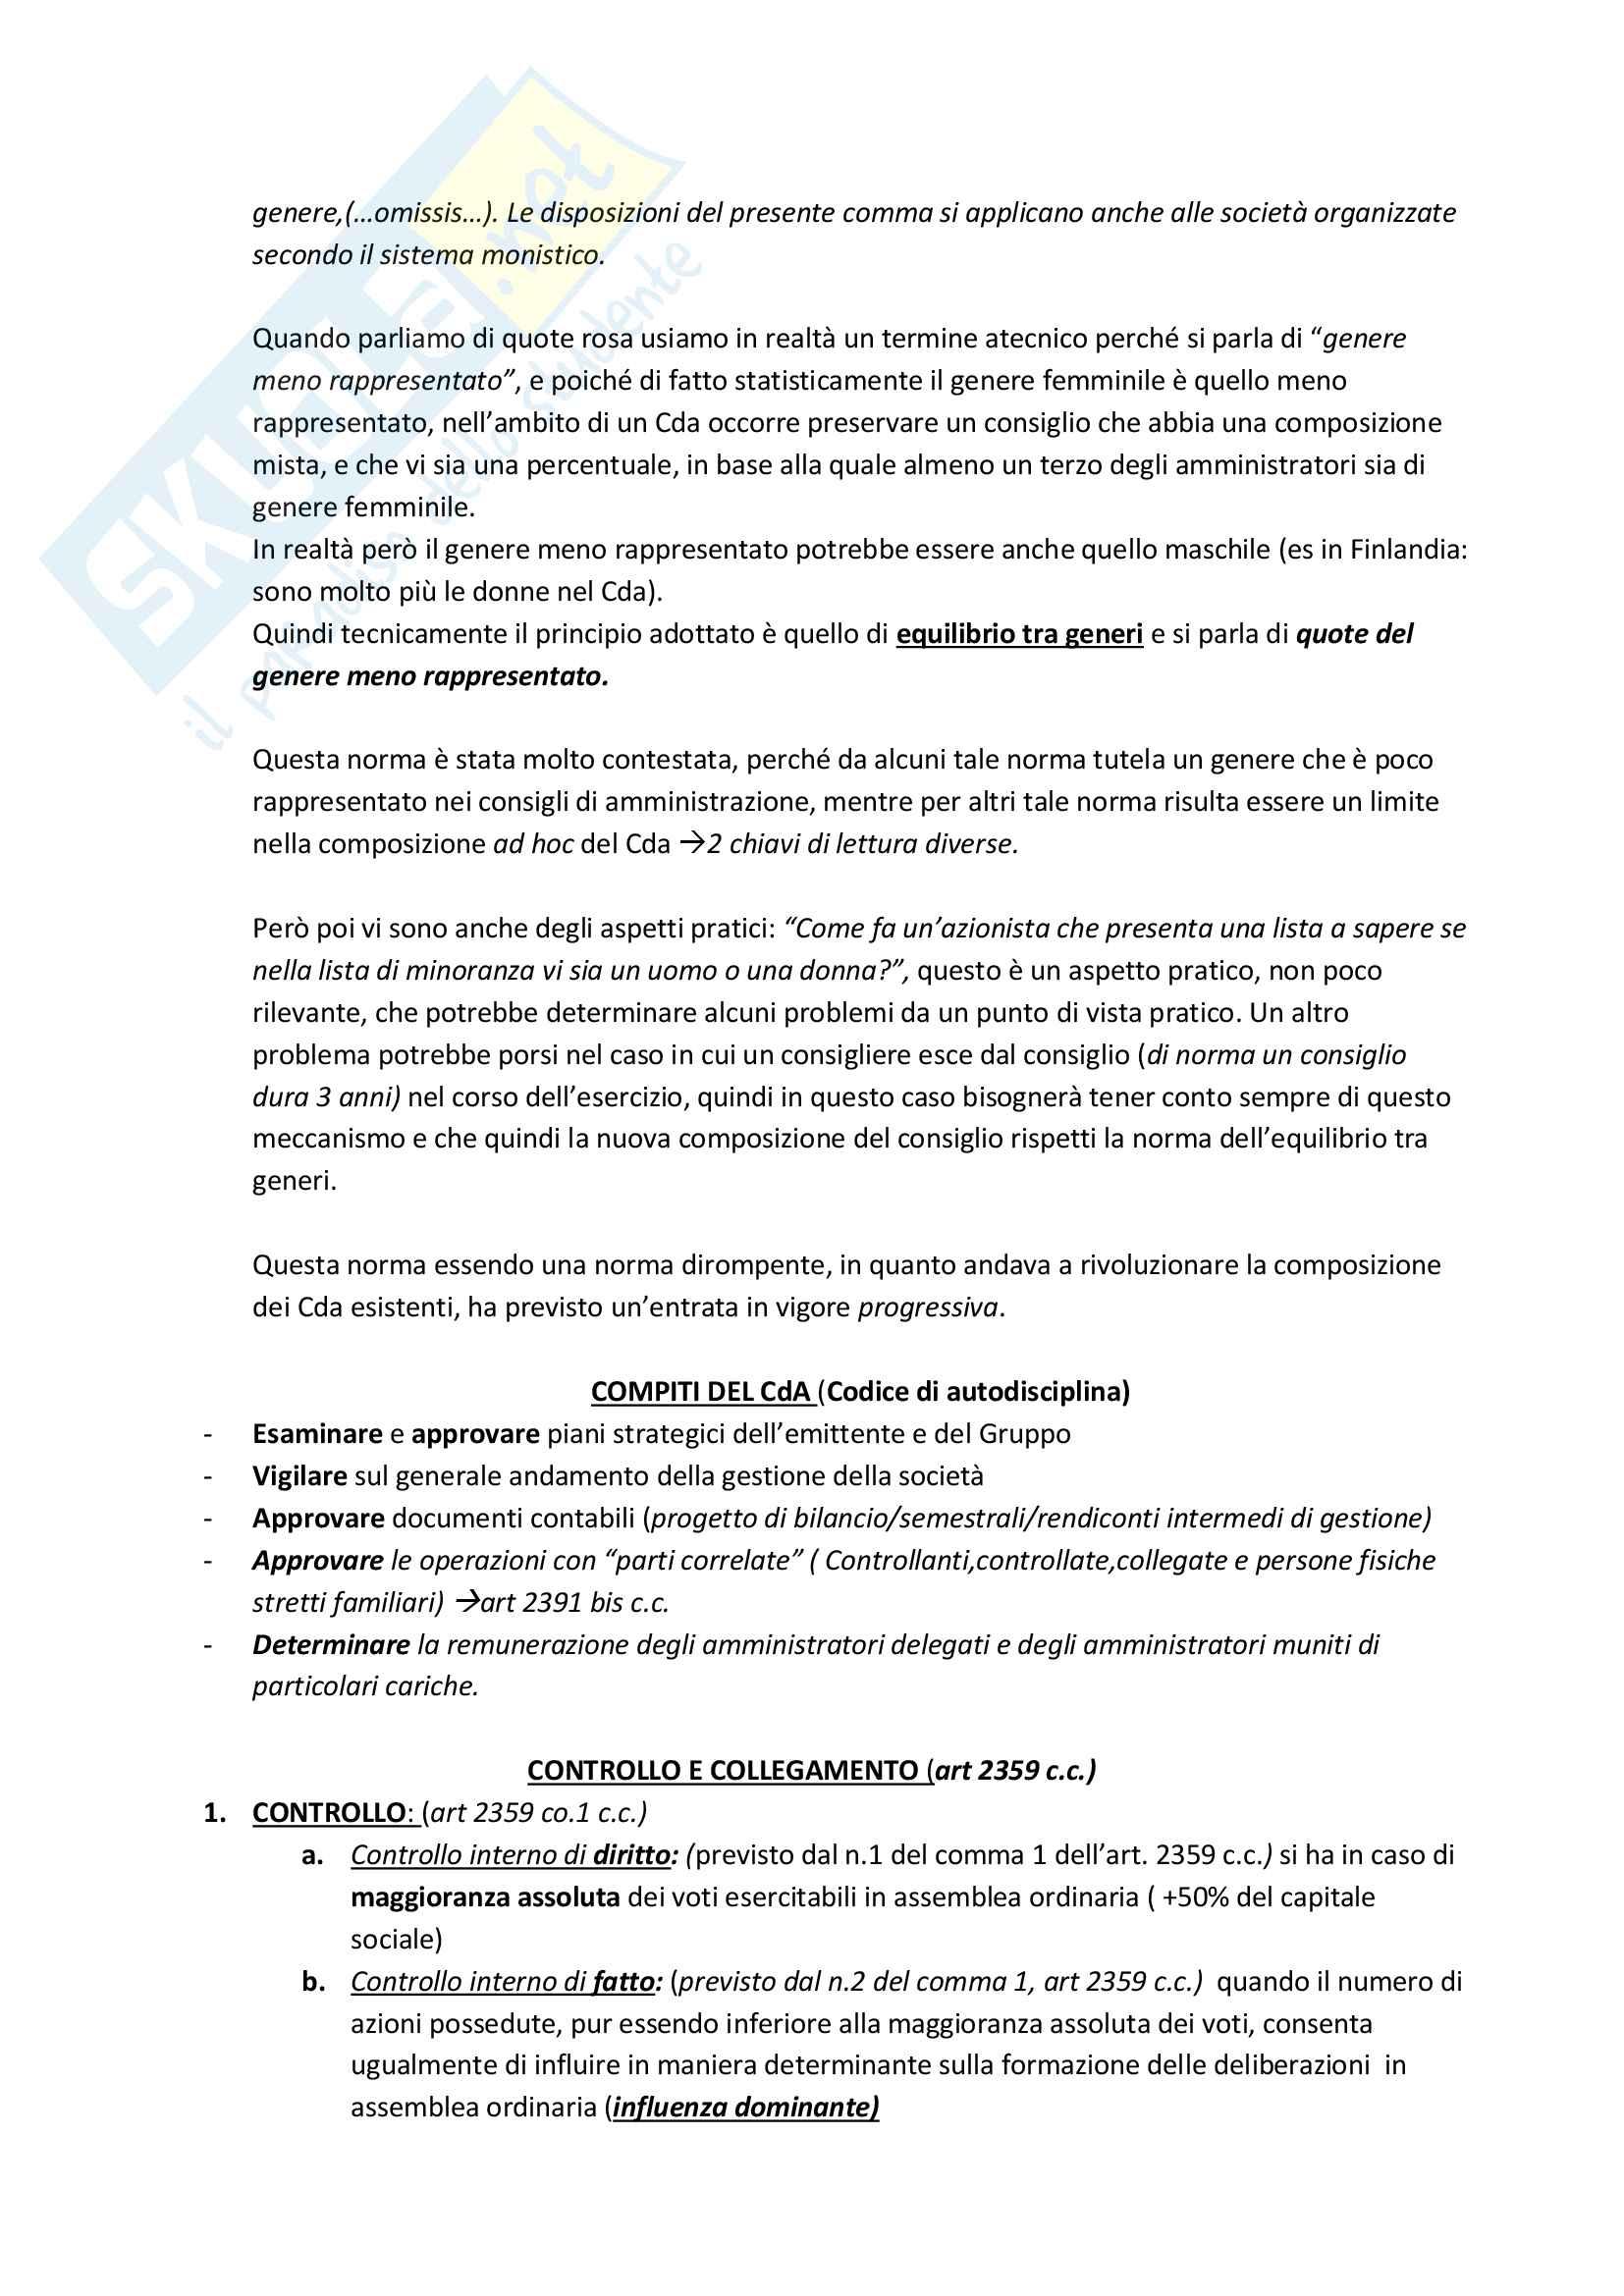 Nomina dei componenti del CDA di una quotata Pag. 2